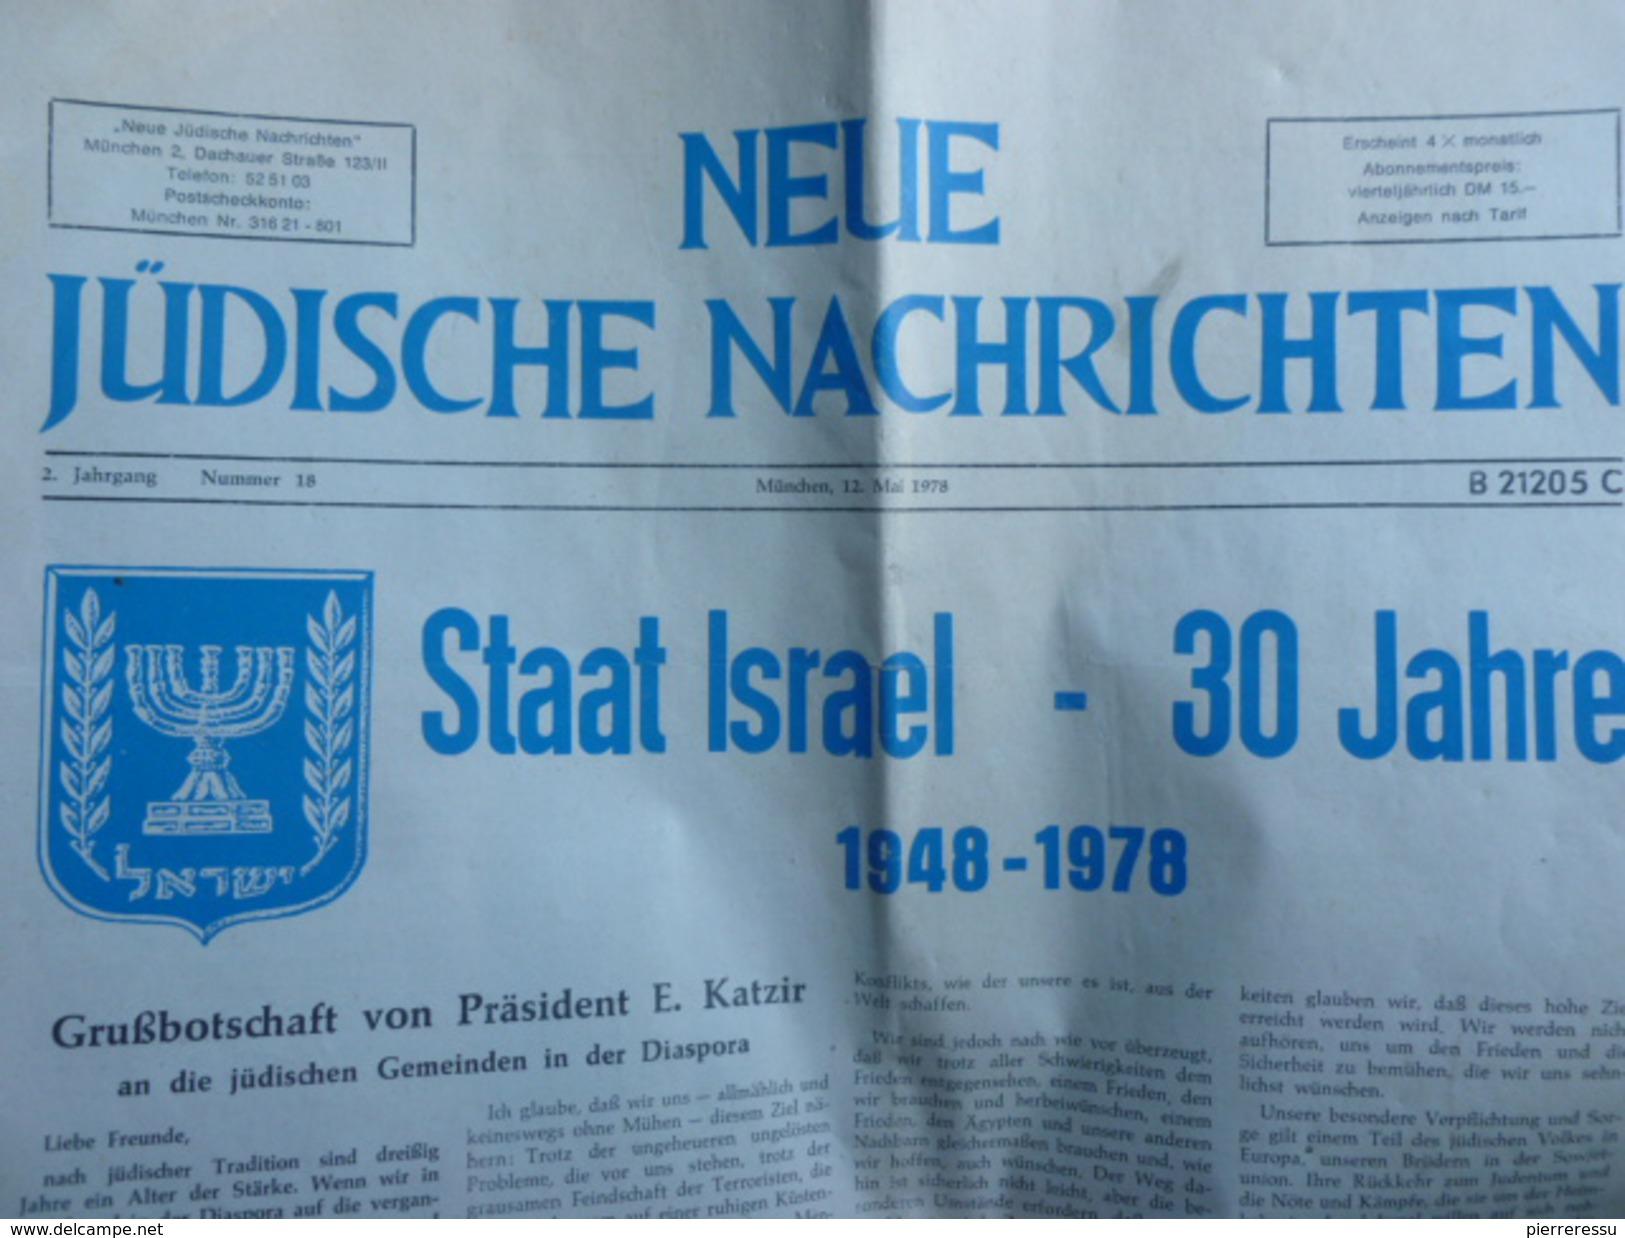 JUIF JUDAICA NEUE JÜDISCHE NACHRICHTEN STAAT ISRAEL 30 JAHRE 1948 1978 - Judaïsme